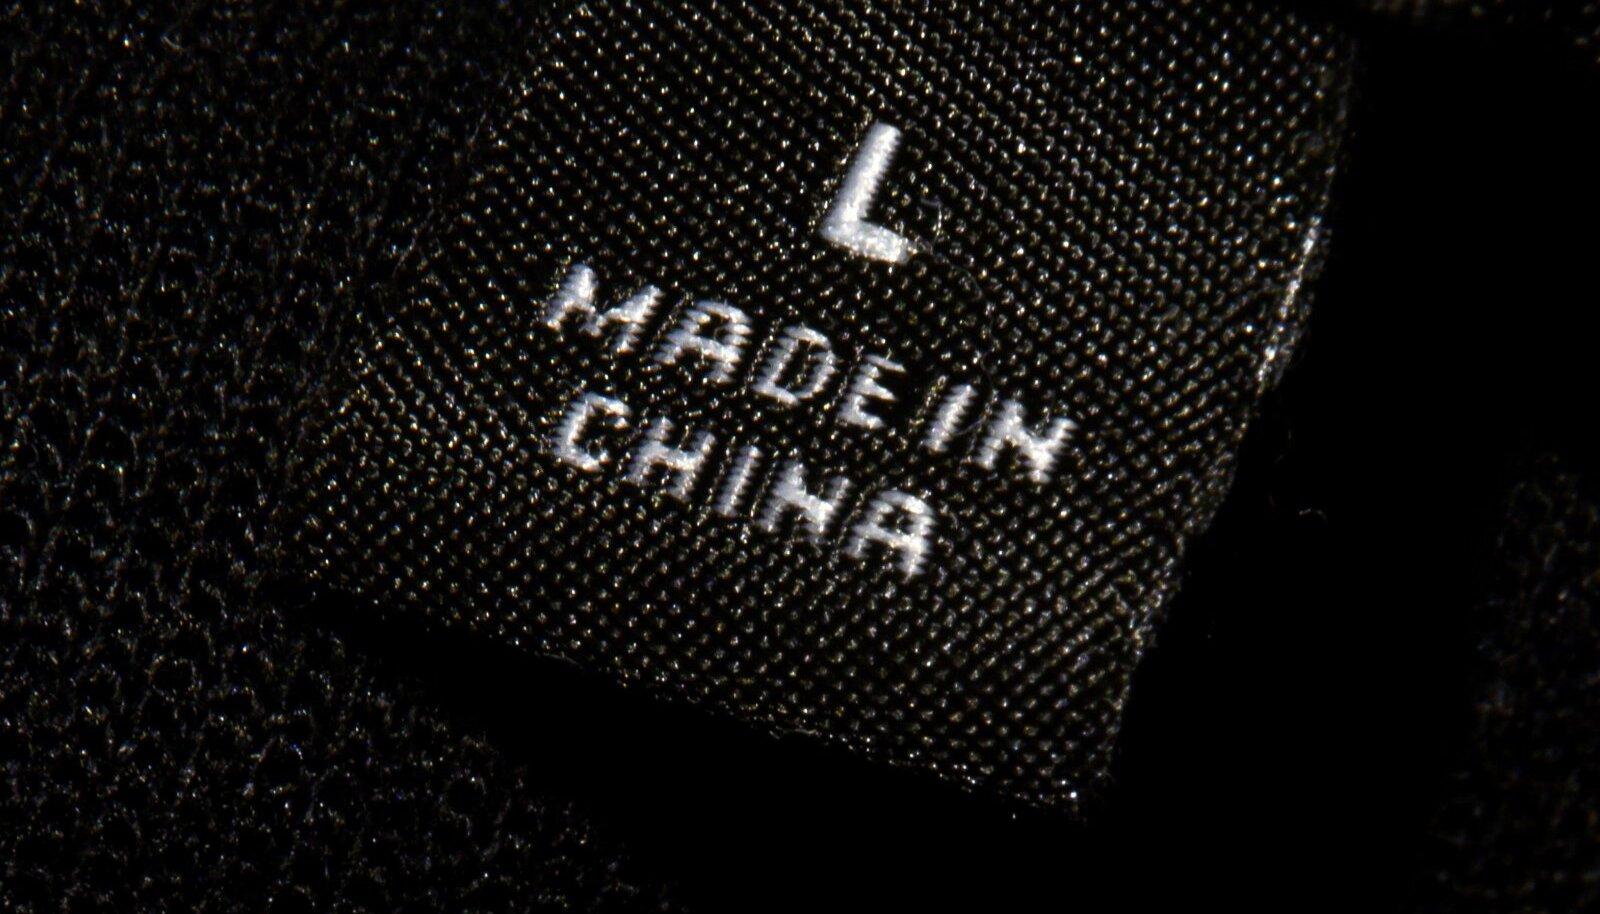 Hiinas toodetud